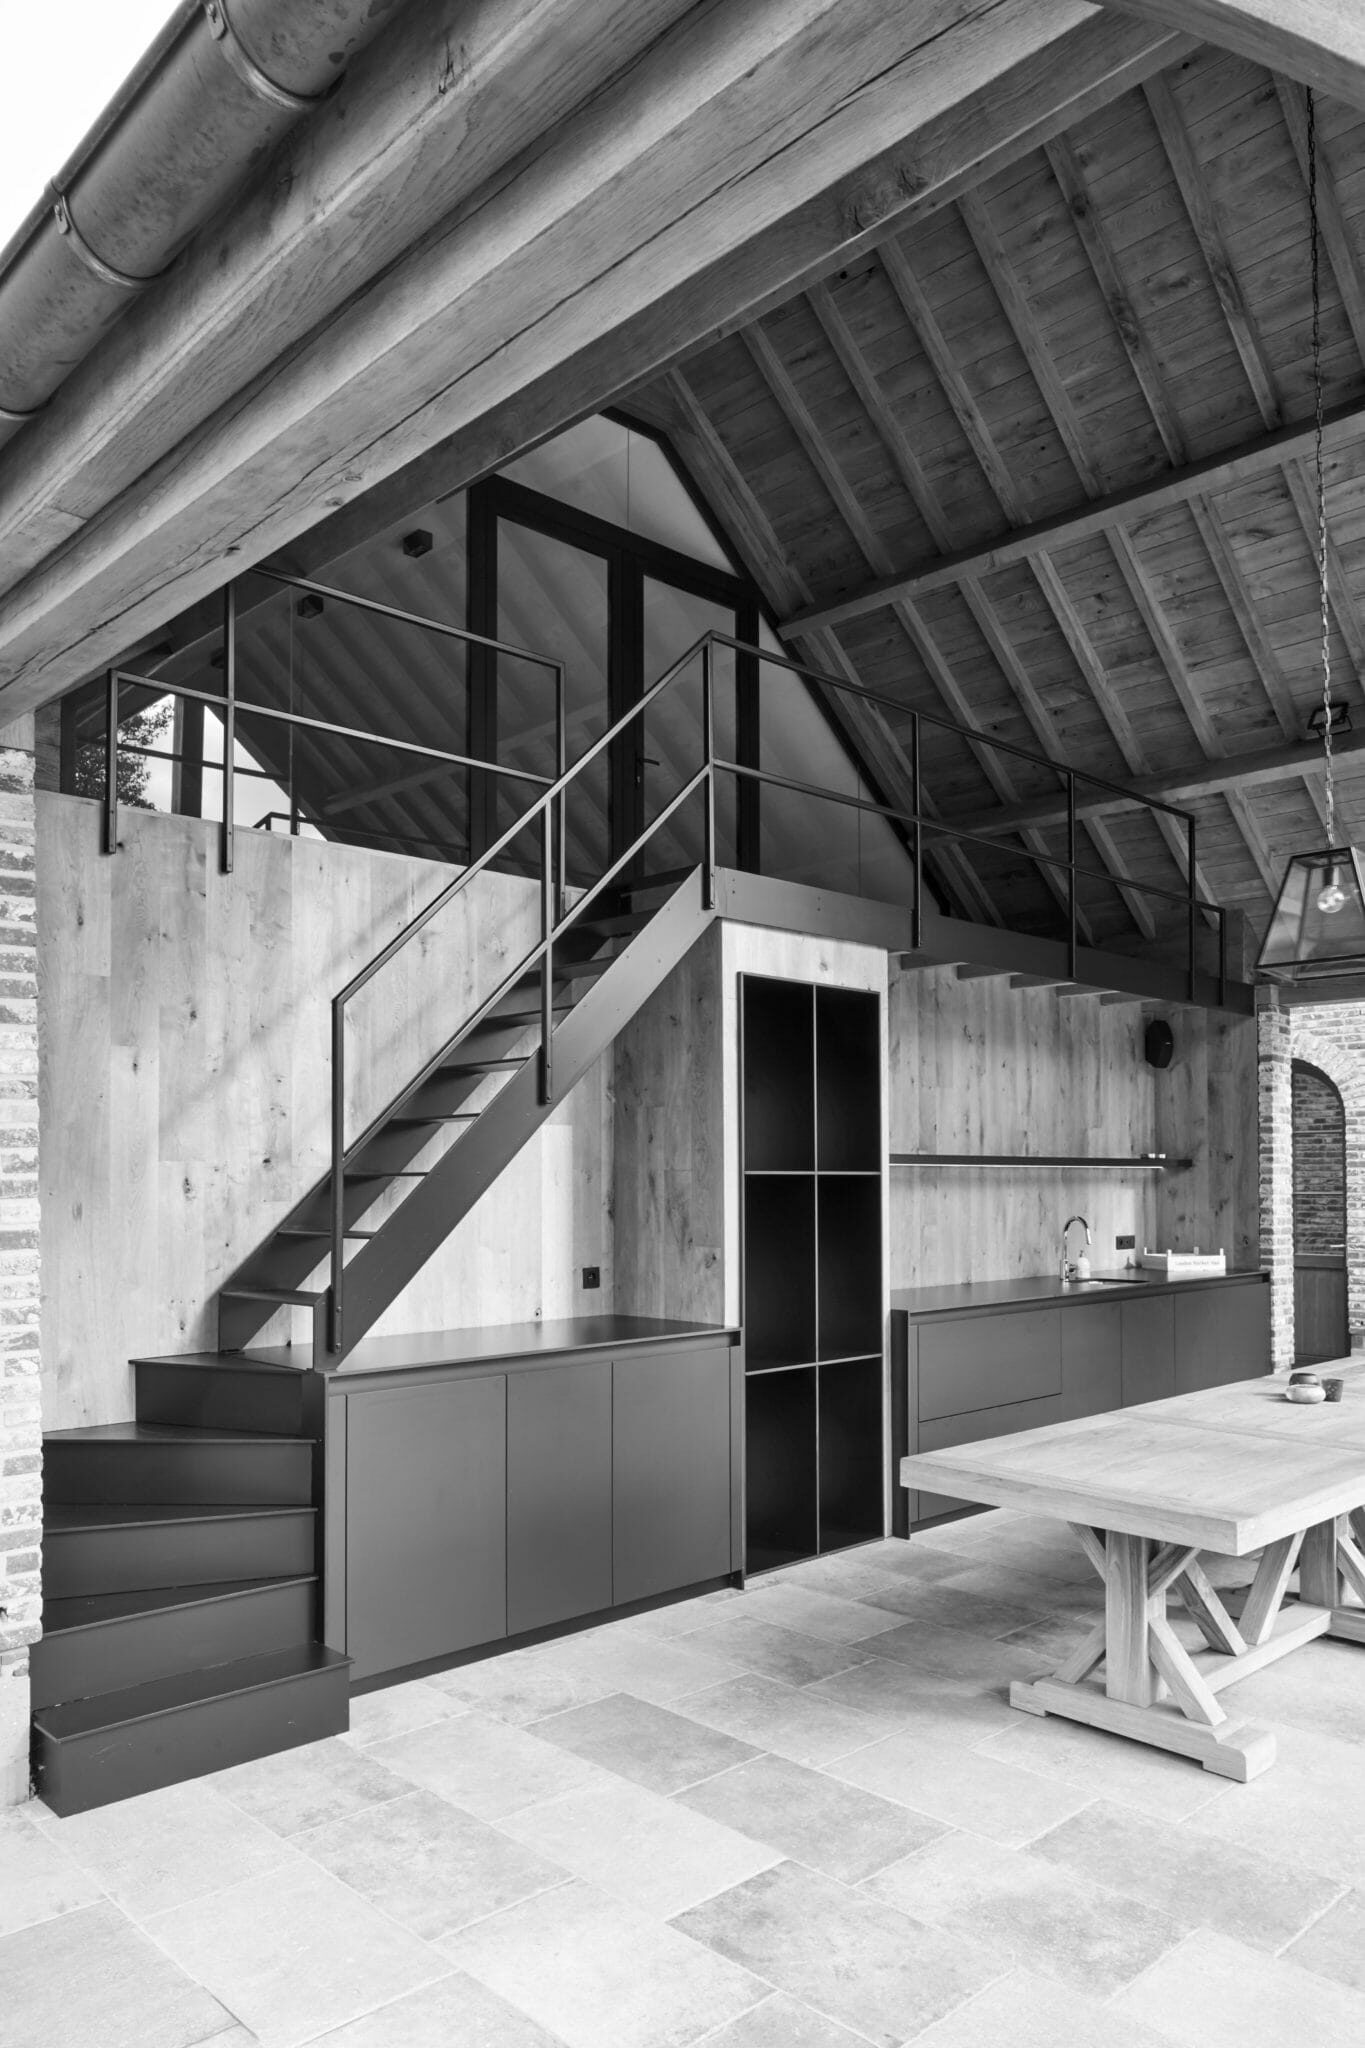 Architect landelijke stijl met hedendaags interieur